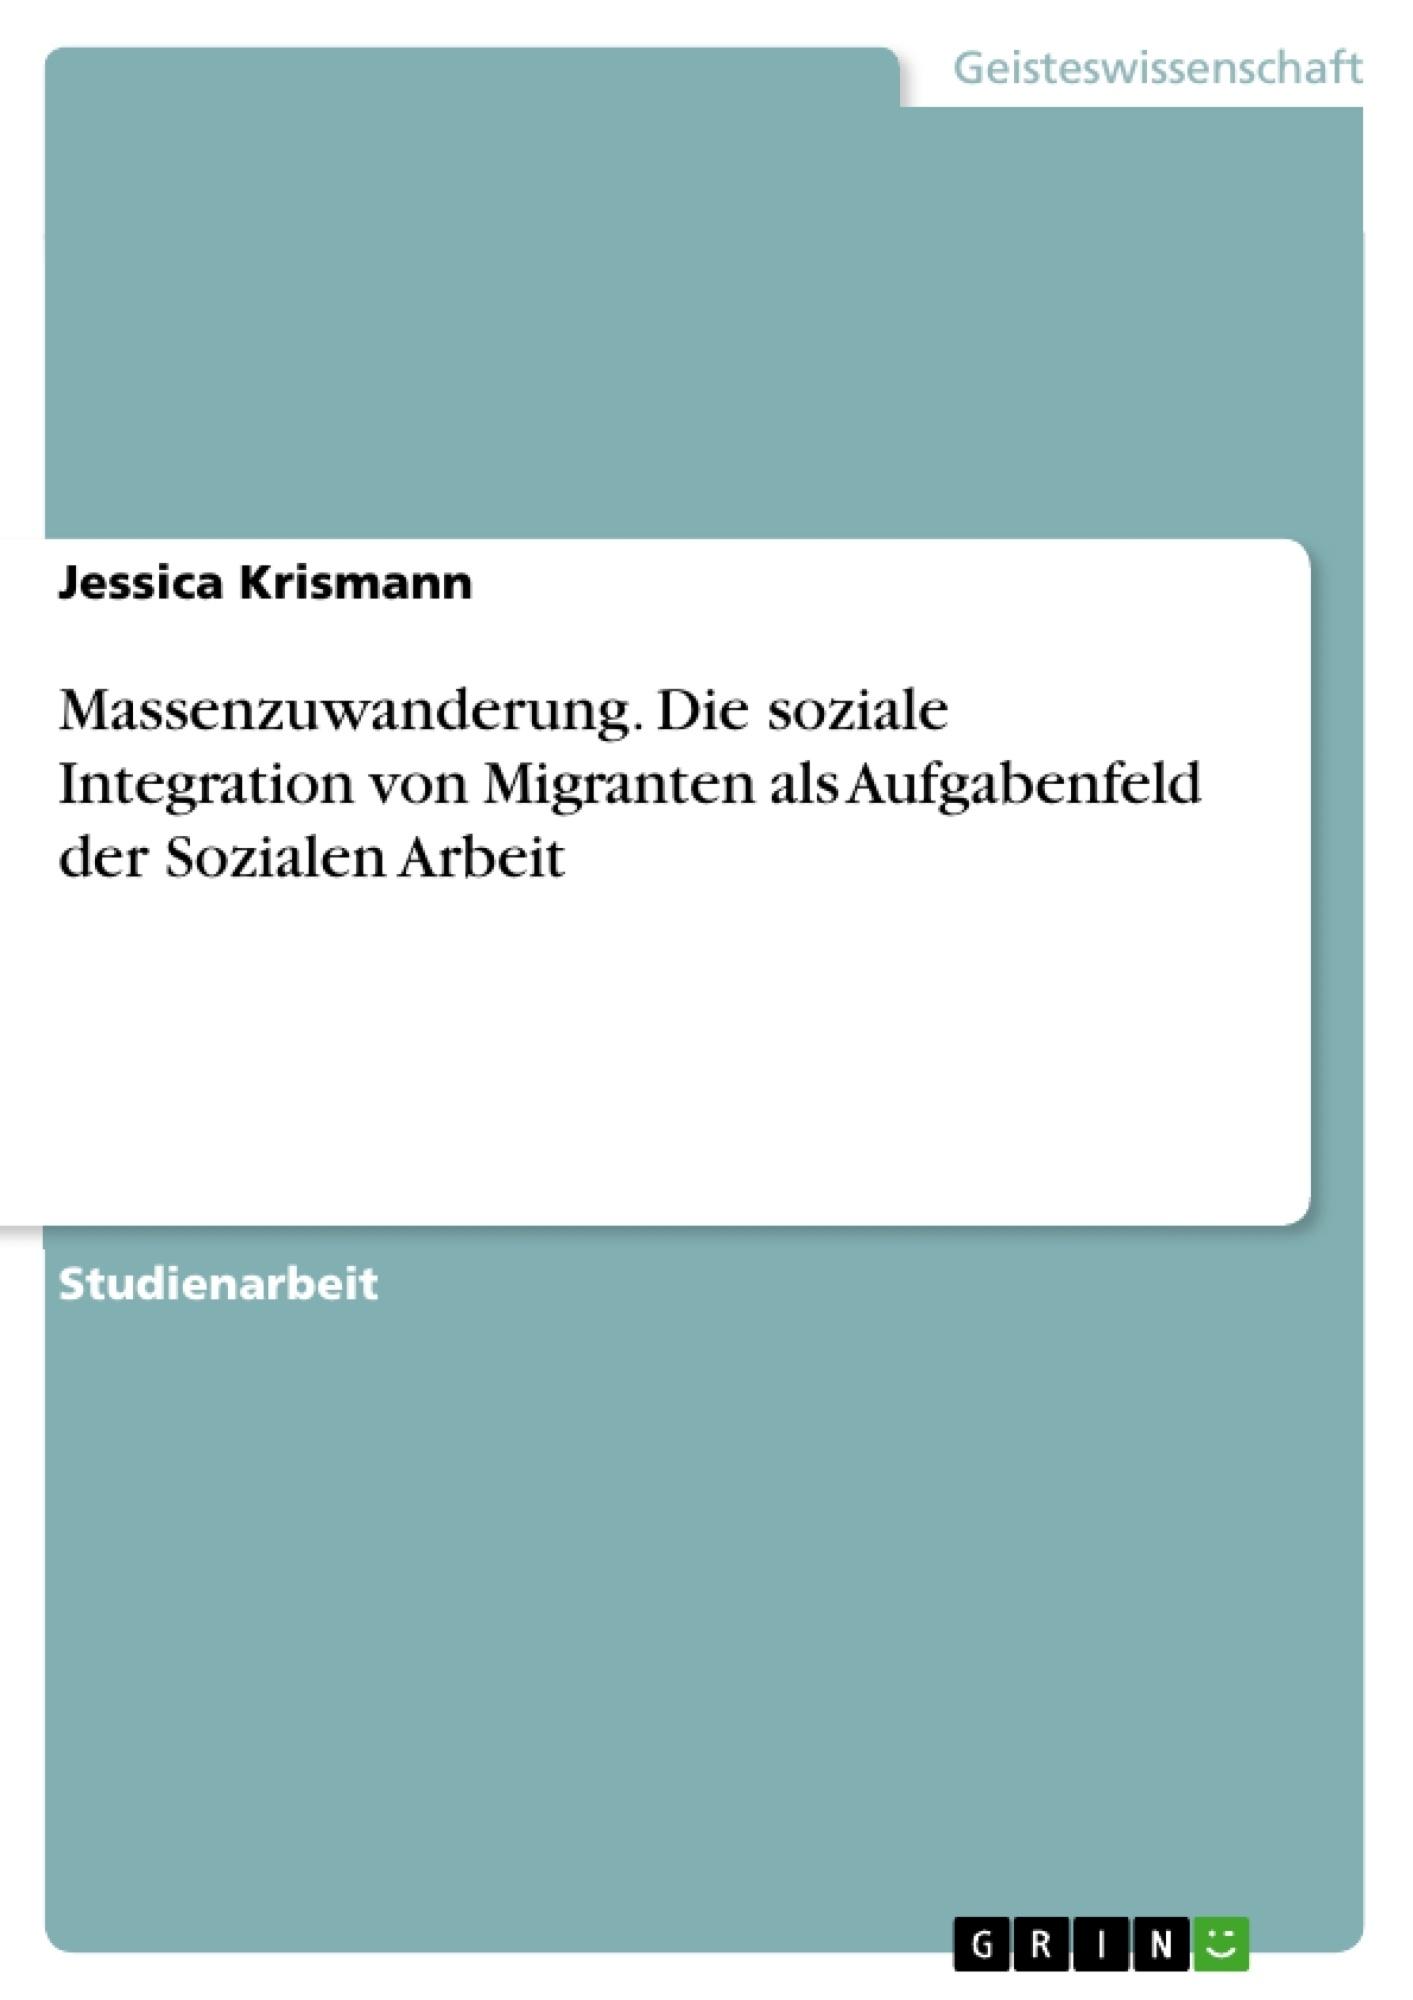 Titel: Massenzuwanderung. Die soziale Integration von Migranten als Aufgabenfeld der Sozialen Arbeit